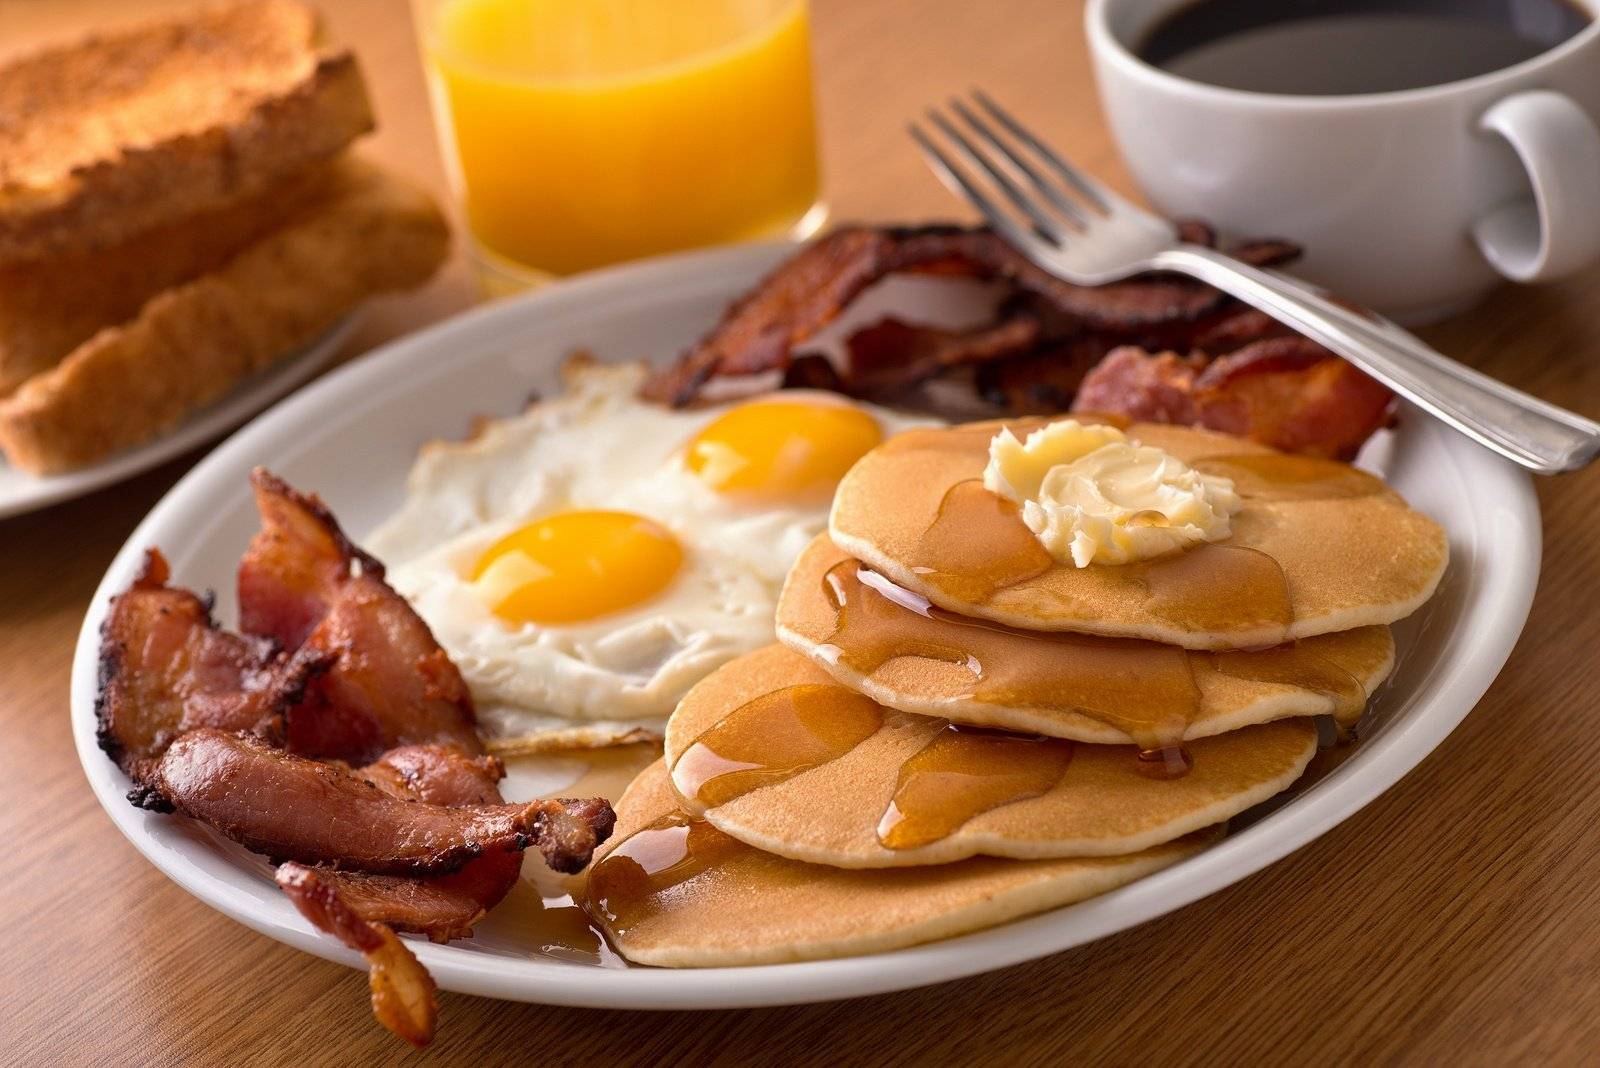 bigstock-Breakfast-With-Bacon-Eggs-Pa-80641280.jpg